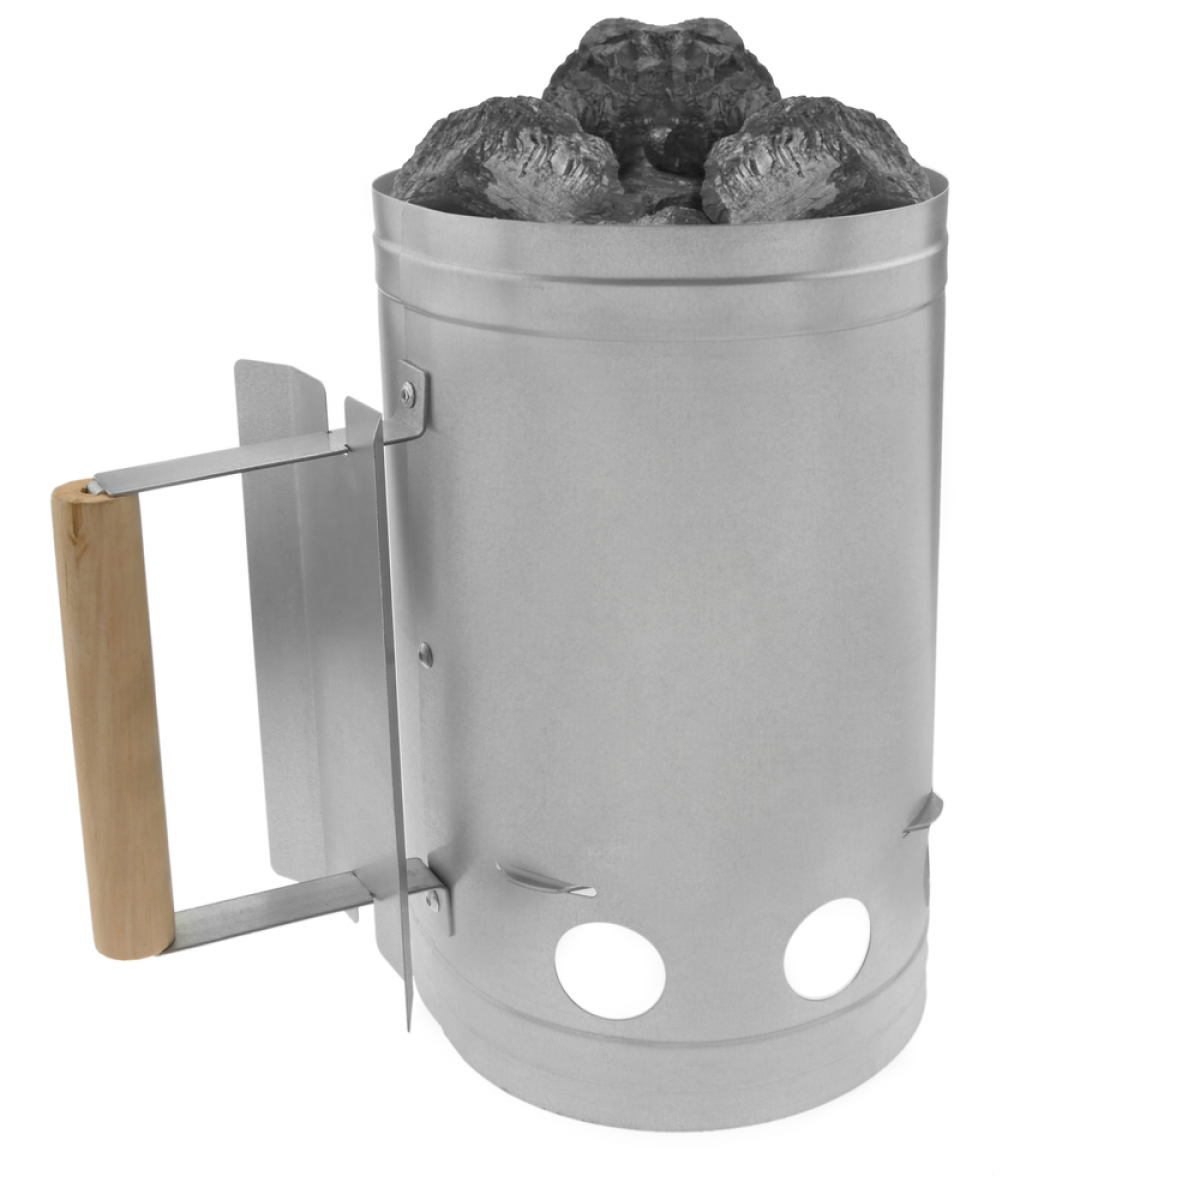 Primematik Cheminée d'allumage pour barbecue avec briquettes de charbon de bois BBQ